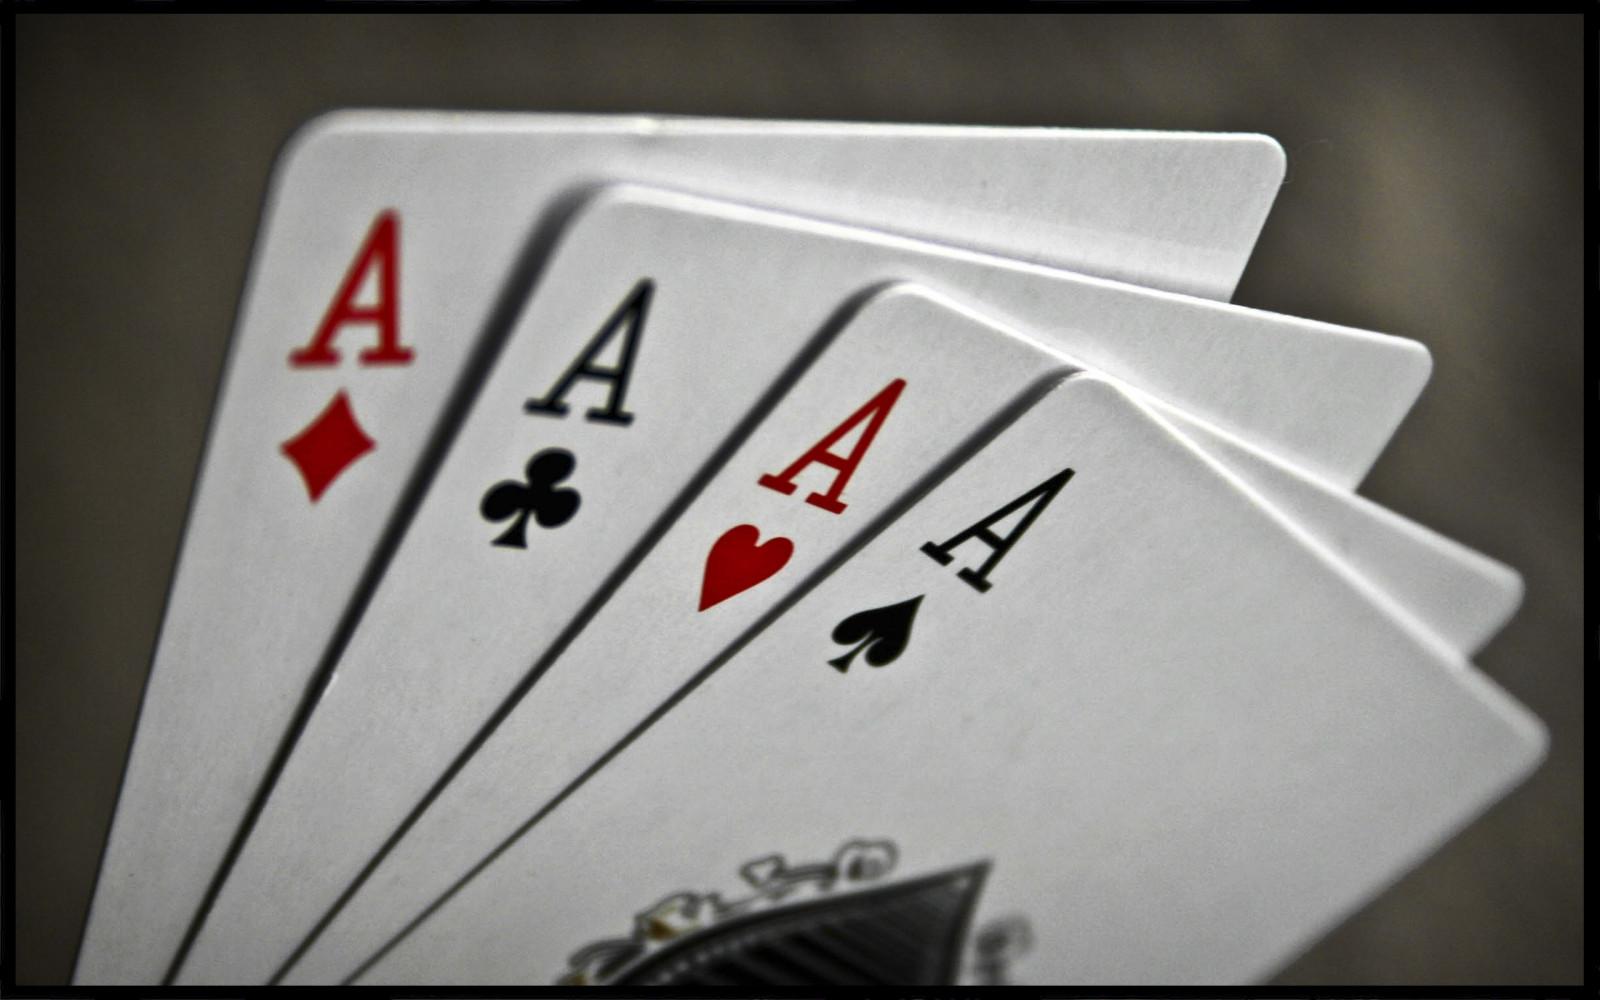 배경 화면 : 본문, 상표, 포커, 도박, 경기, 번호, 휴양, 계략, 에이스, 자동차 외장, 세례반